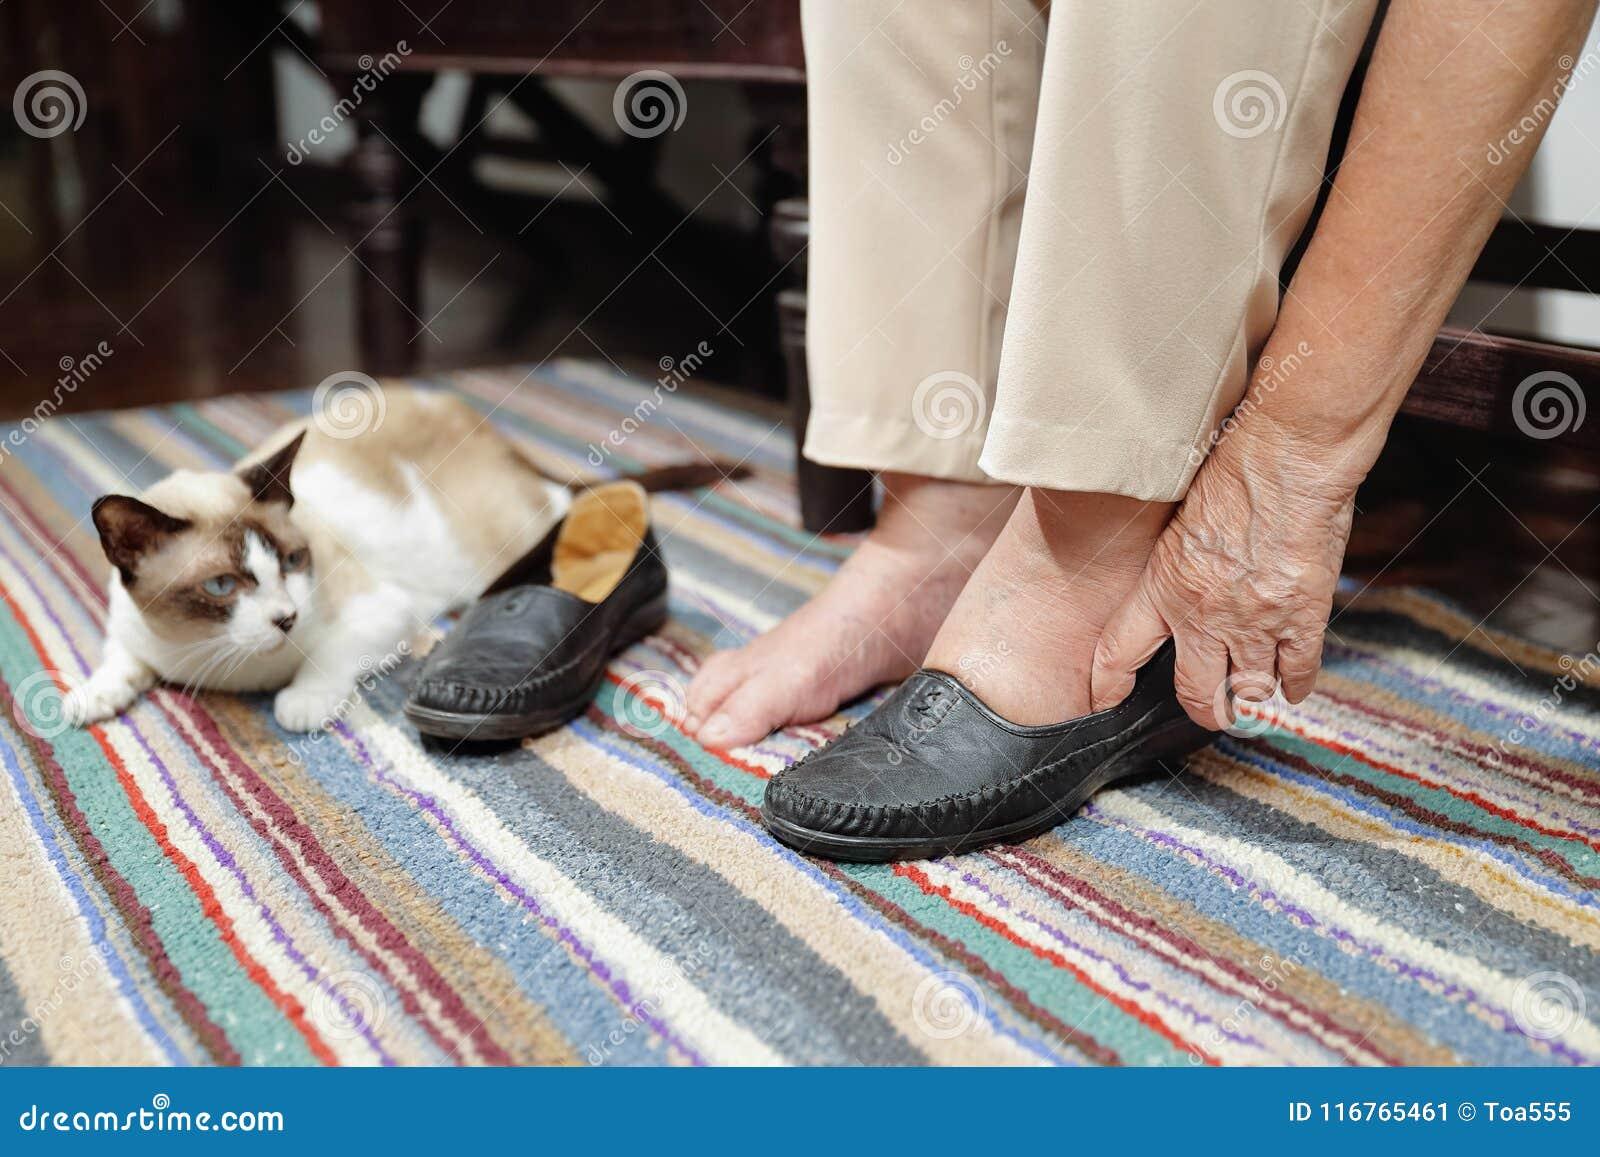 Ηλικιωμένη γυναίκα που πρήζεται πόδια που βάζουν στα παπούτσια